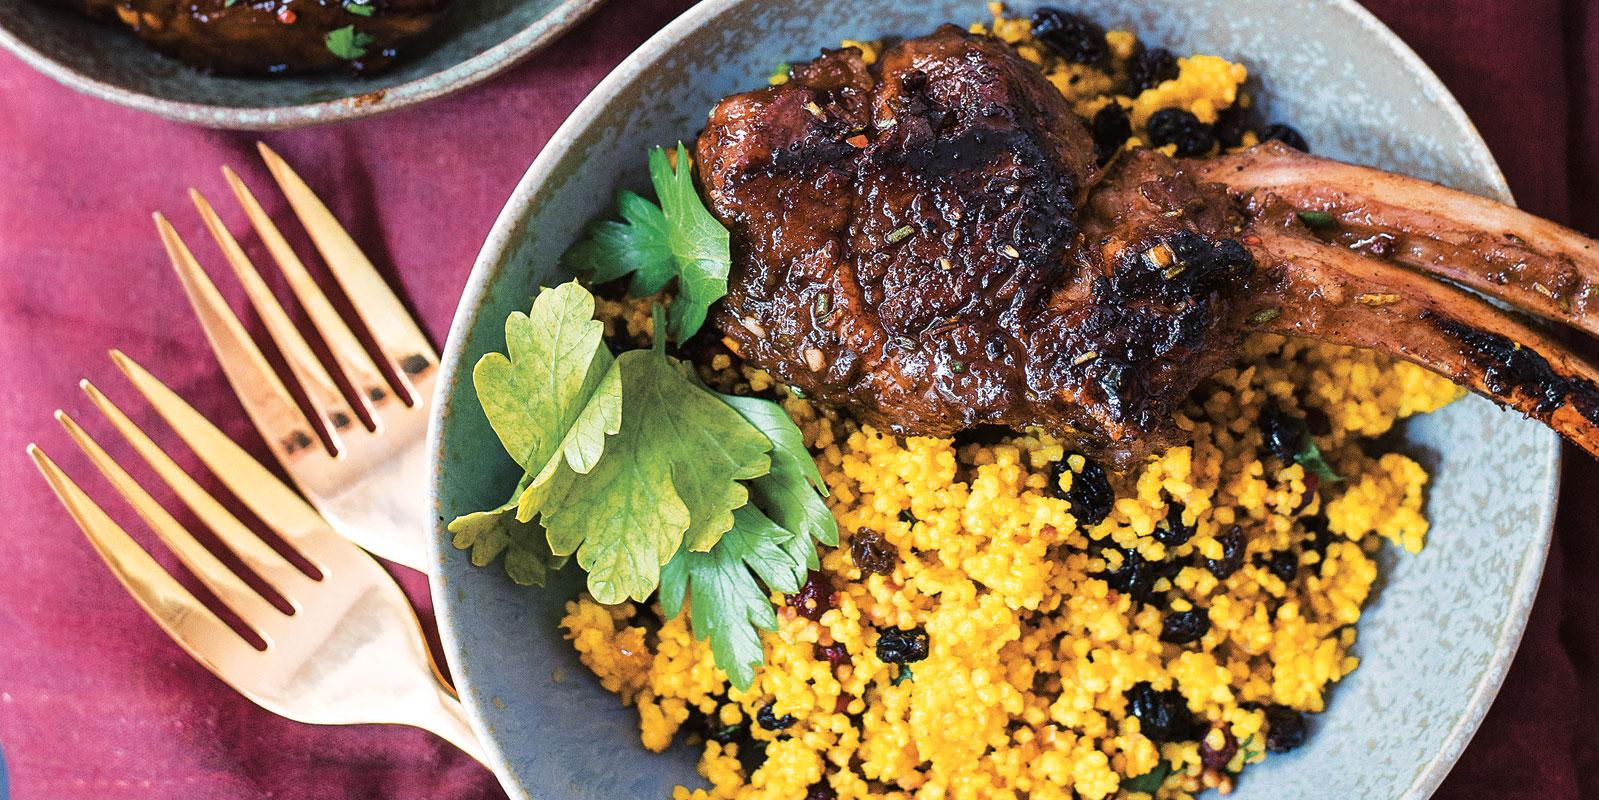 The Weeknight Mediterranean Kitchen